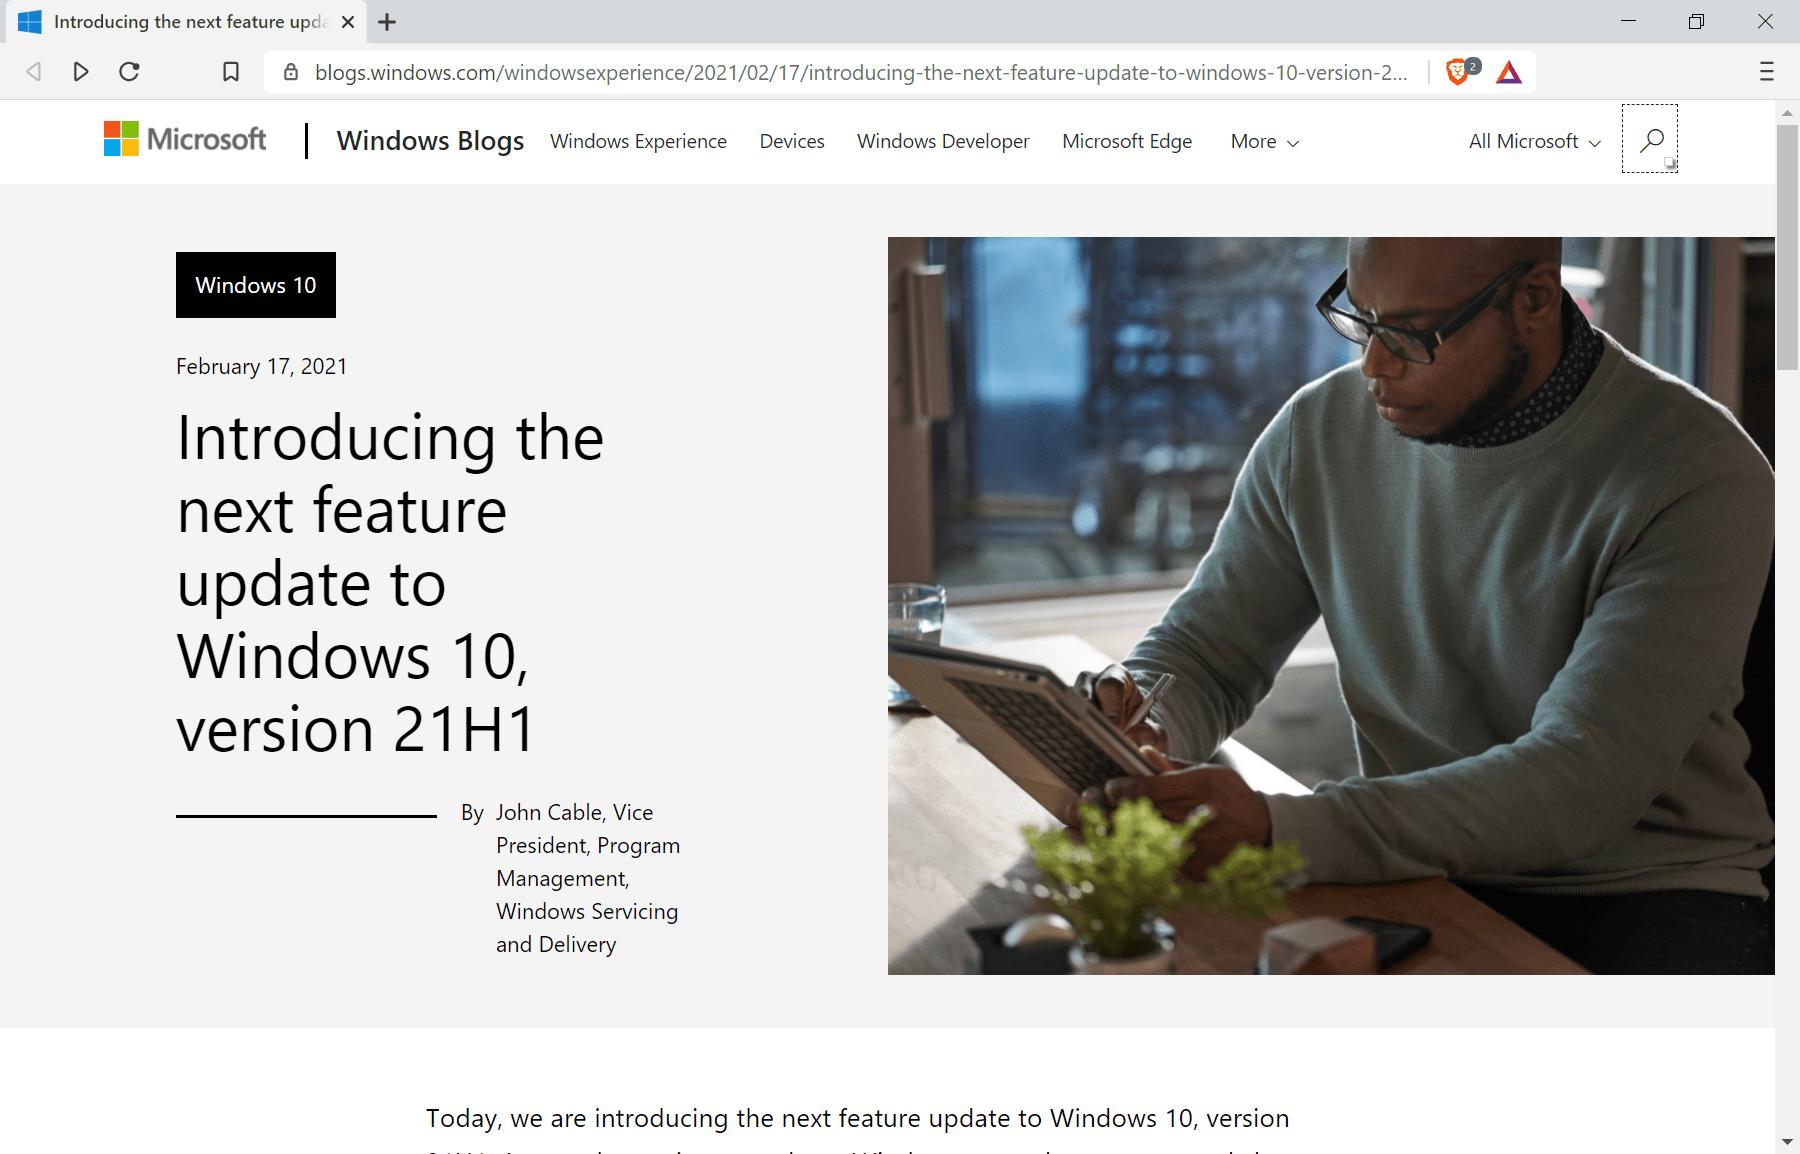 Se anuncia la actualización de funciones de Windows 10 versión 21h1